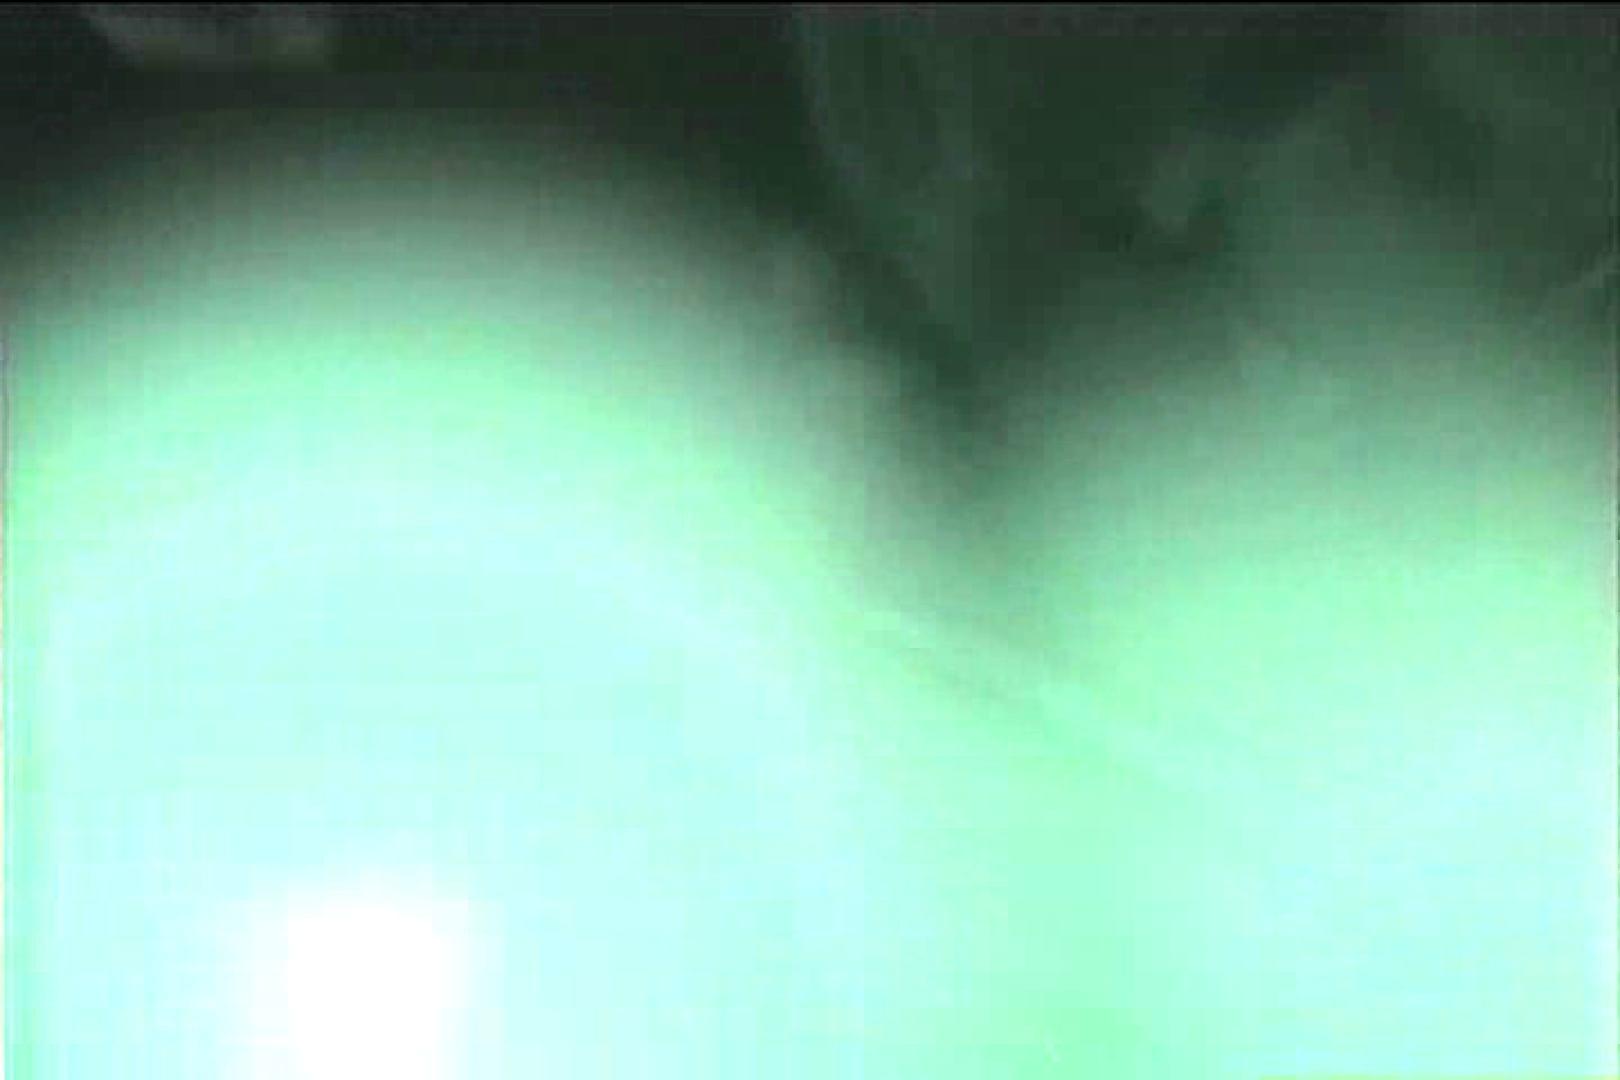 カーセックス未編集・無修正版 Vol.11 熟女丸裸 隠し撮りオマンコ動画紹介 97pic 69